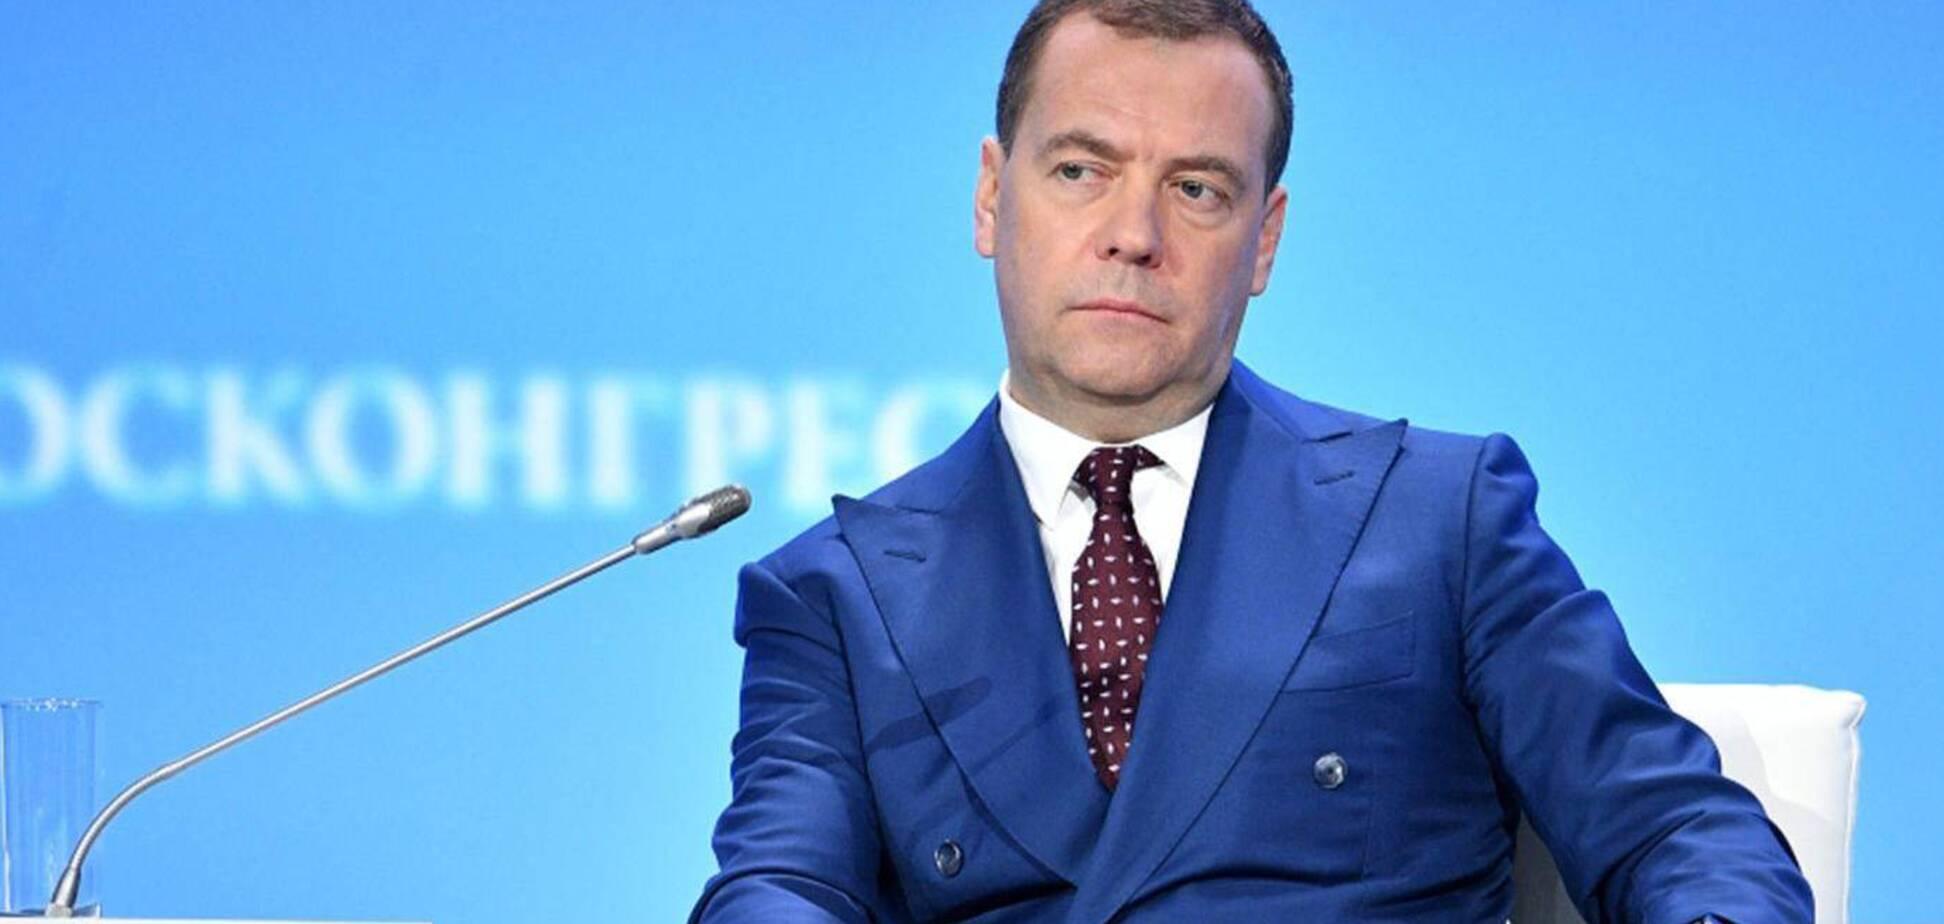 Медведев заявил, что Россия не проводит недружественную политику в отношении Украины